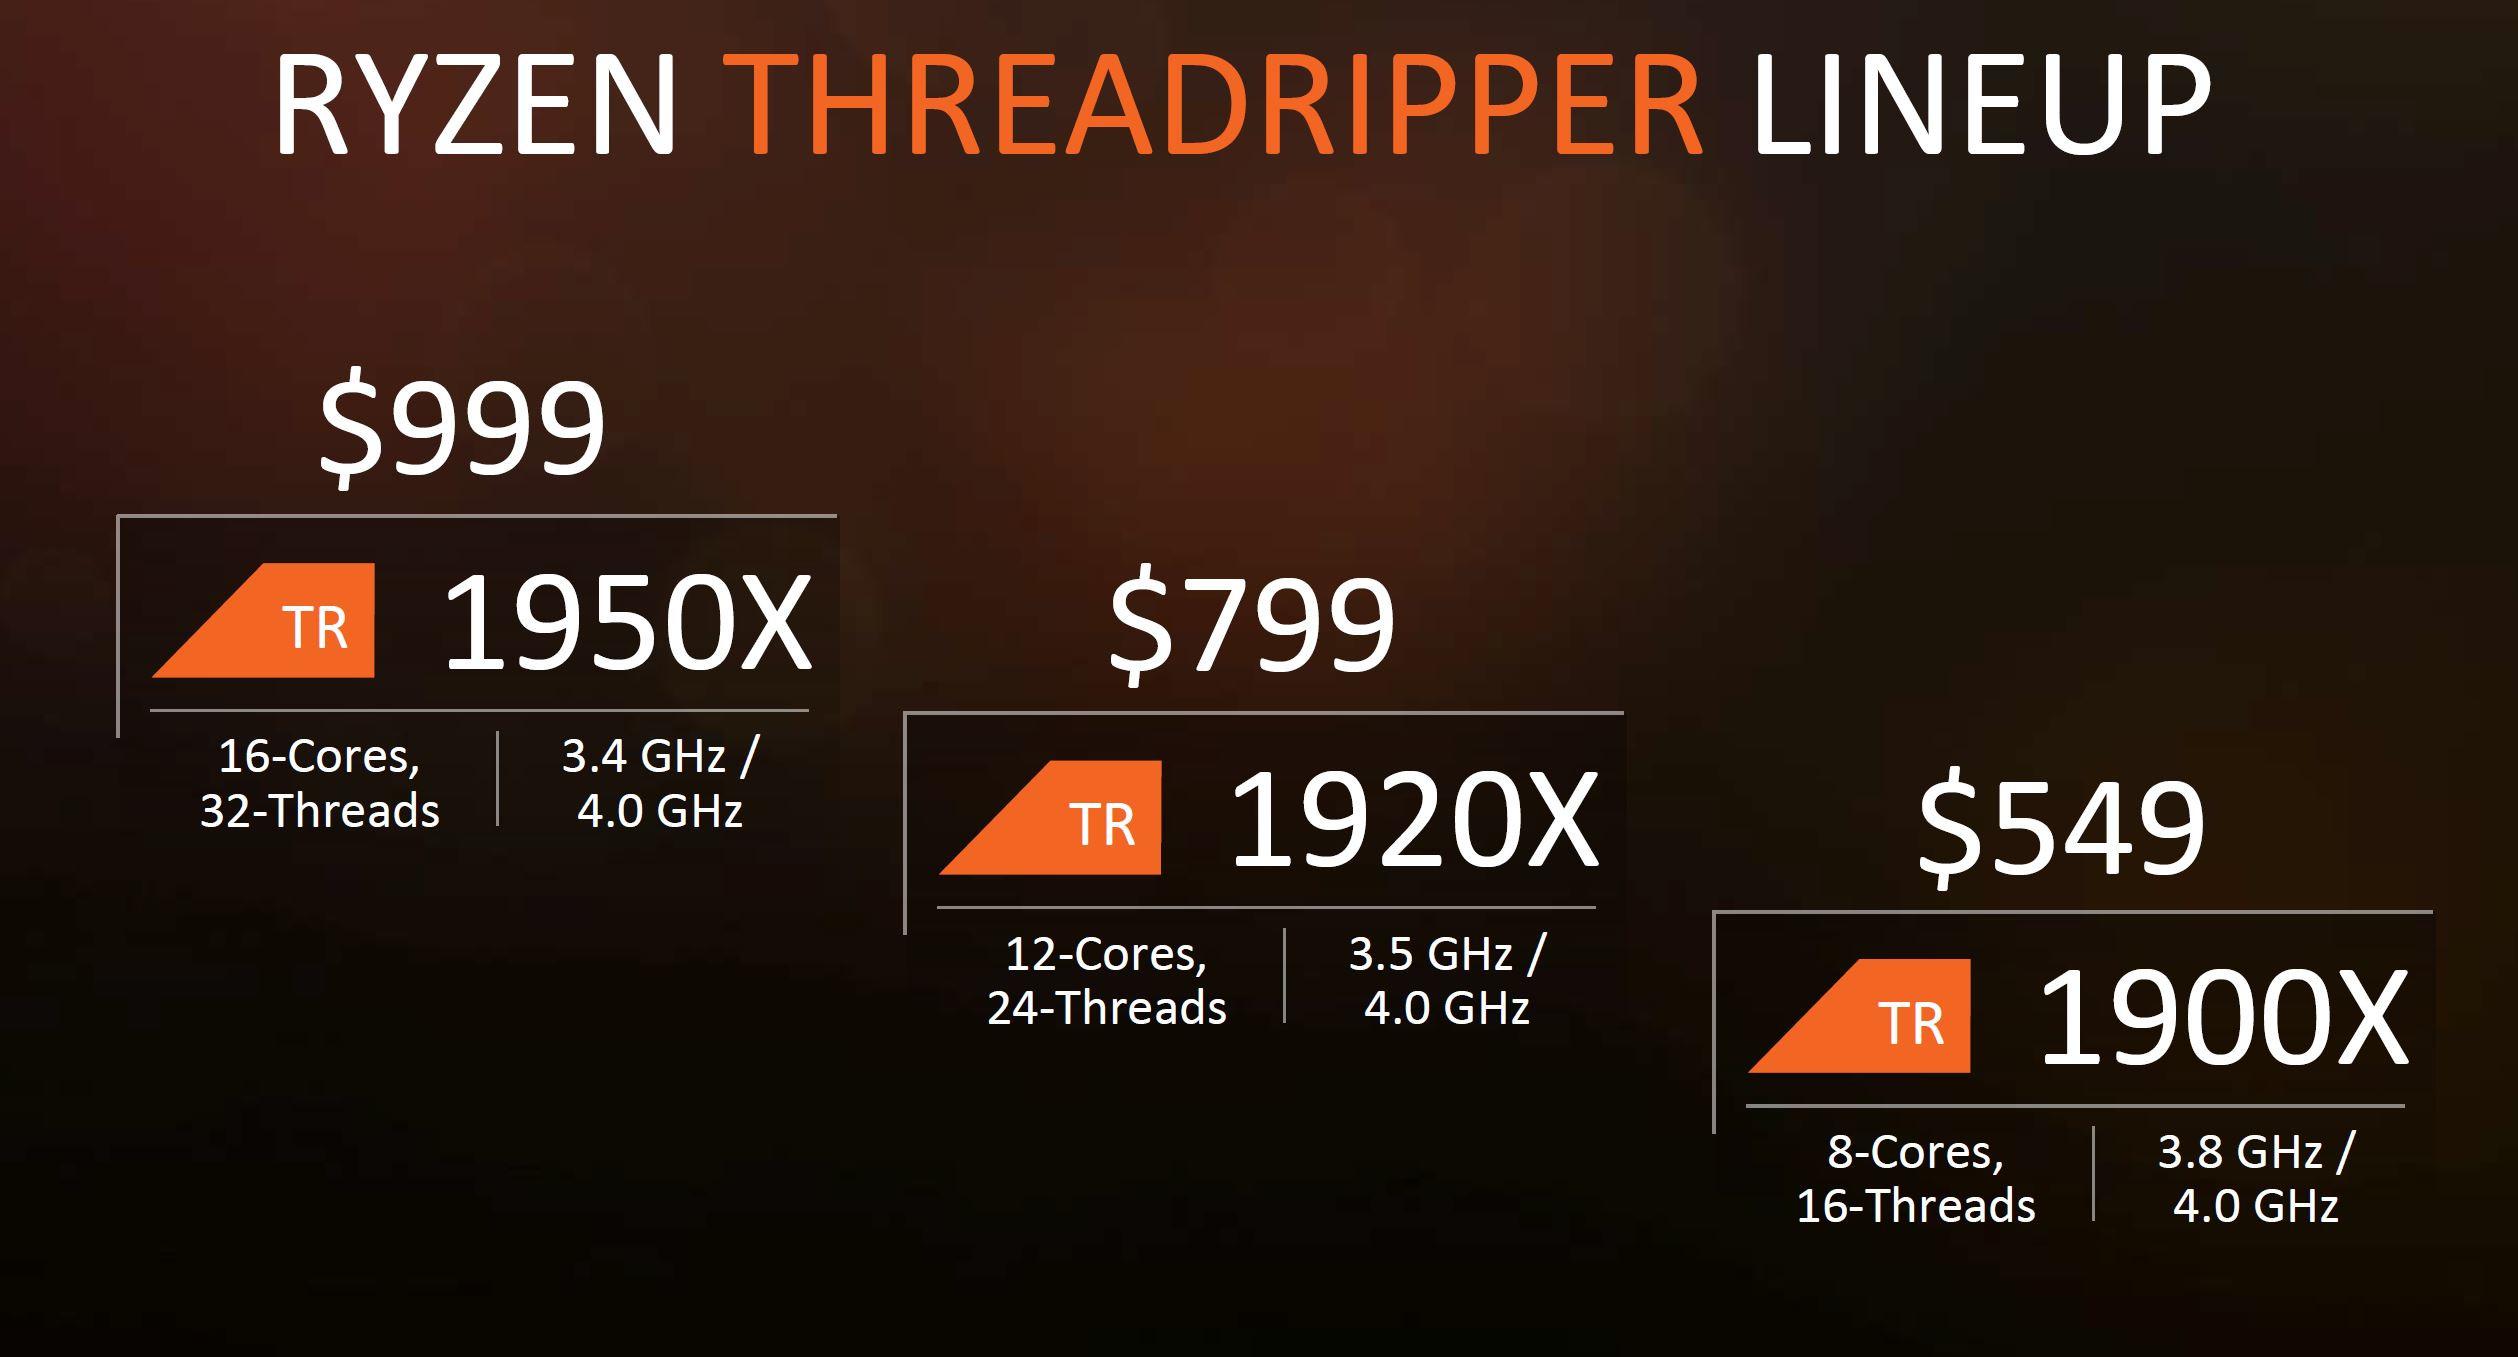 AMD Announces Full Ryzen Threadripper Lineup and